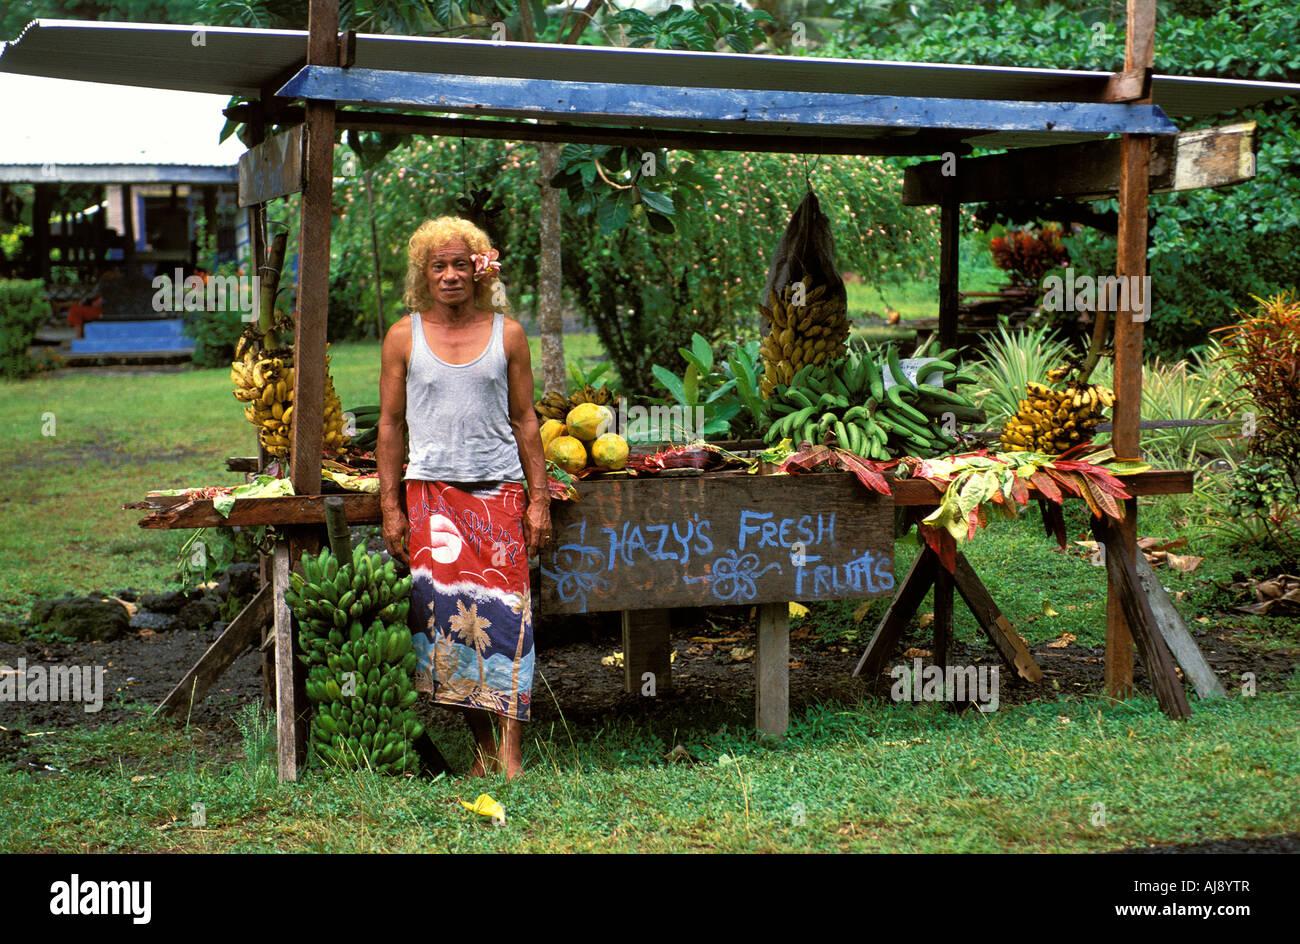 Samoa a fa afafine a samoan transvestite selling fruit - Stock Image